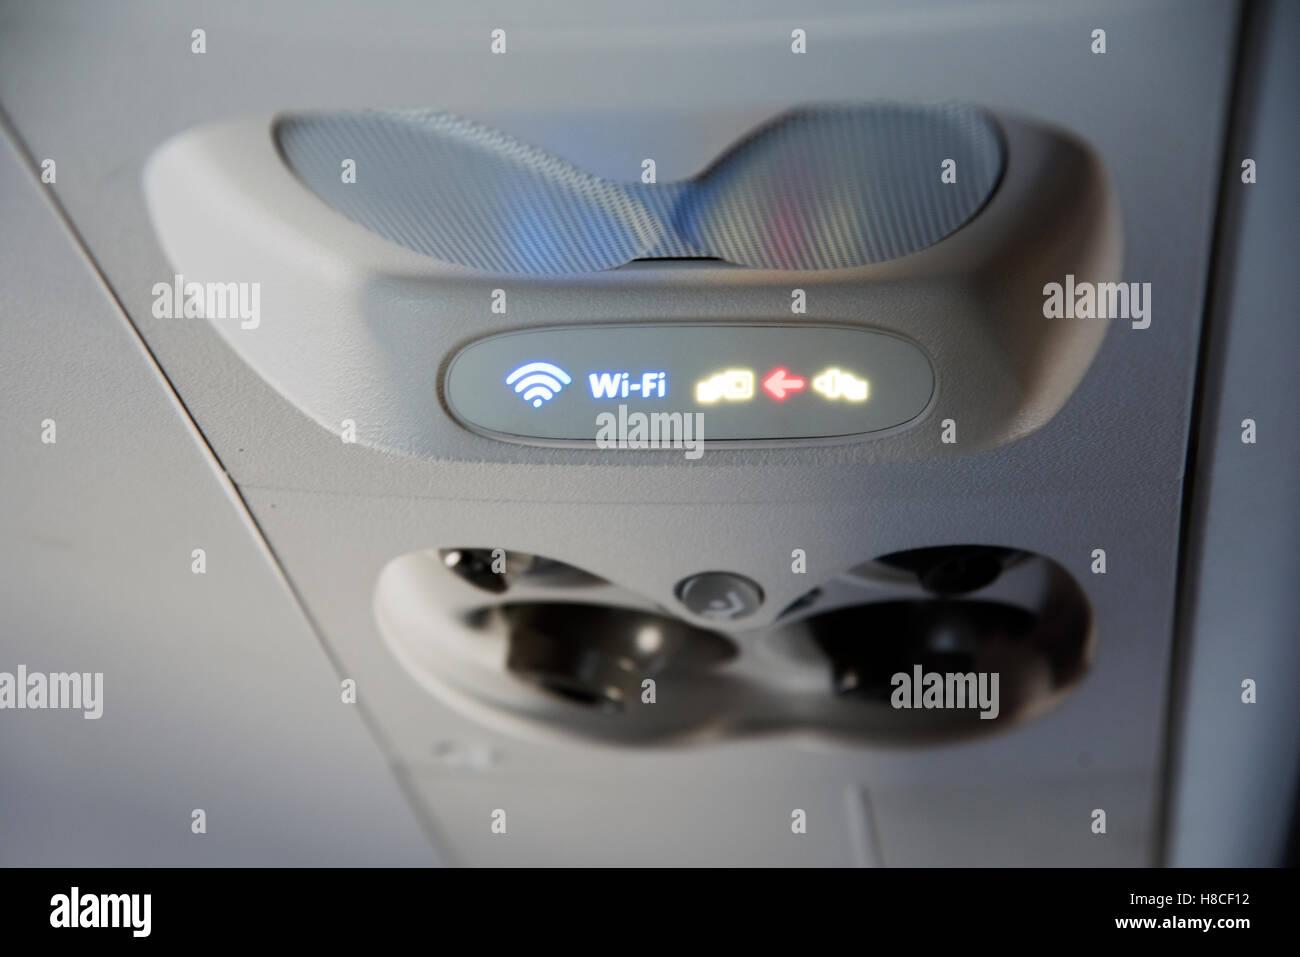 Signos y cinturón de seguridad Wi-Fi a bordo de un avión de pasajeros Imagen De Stock